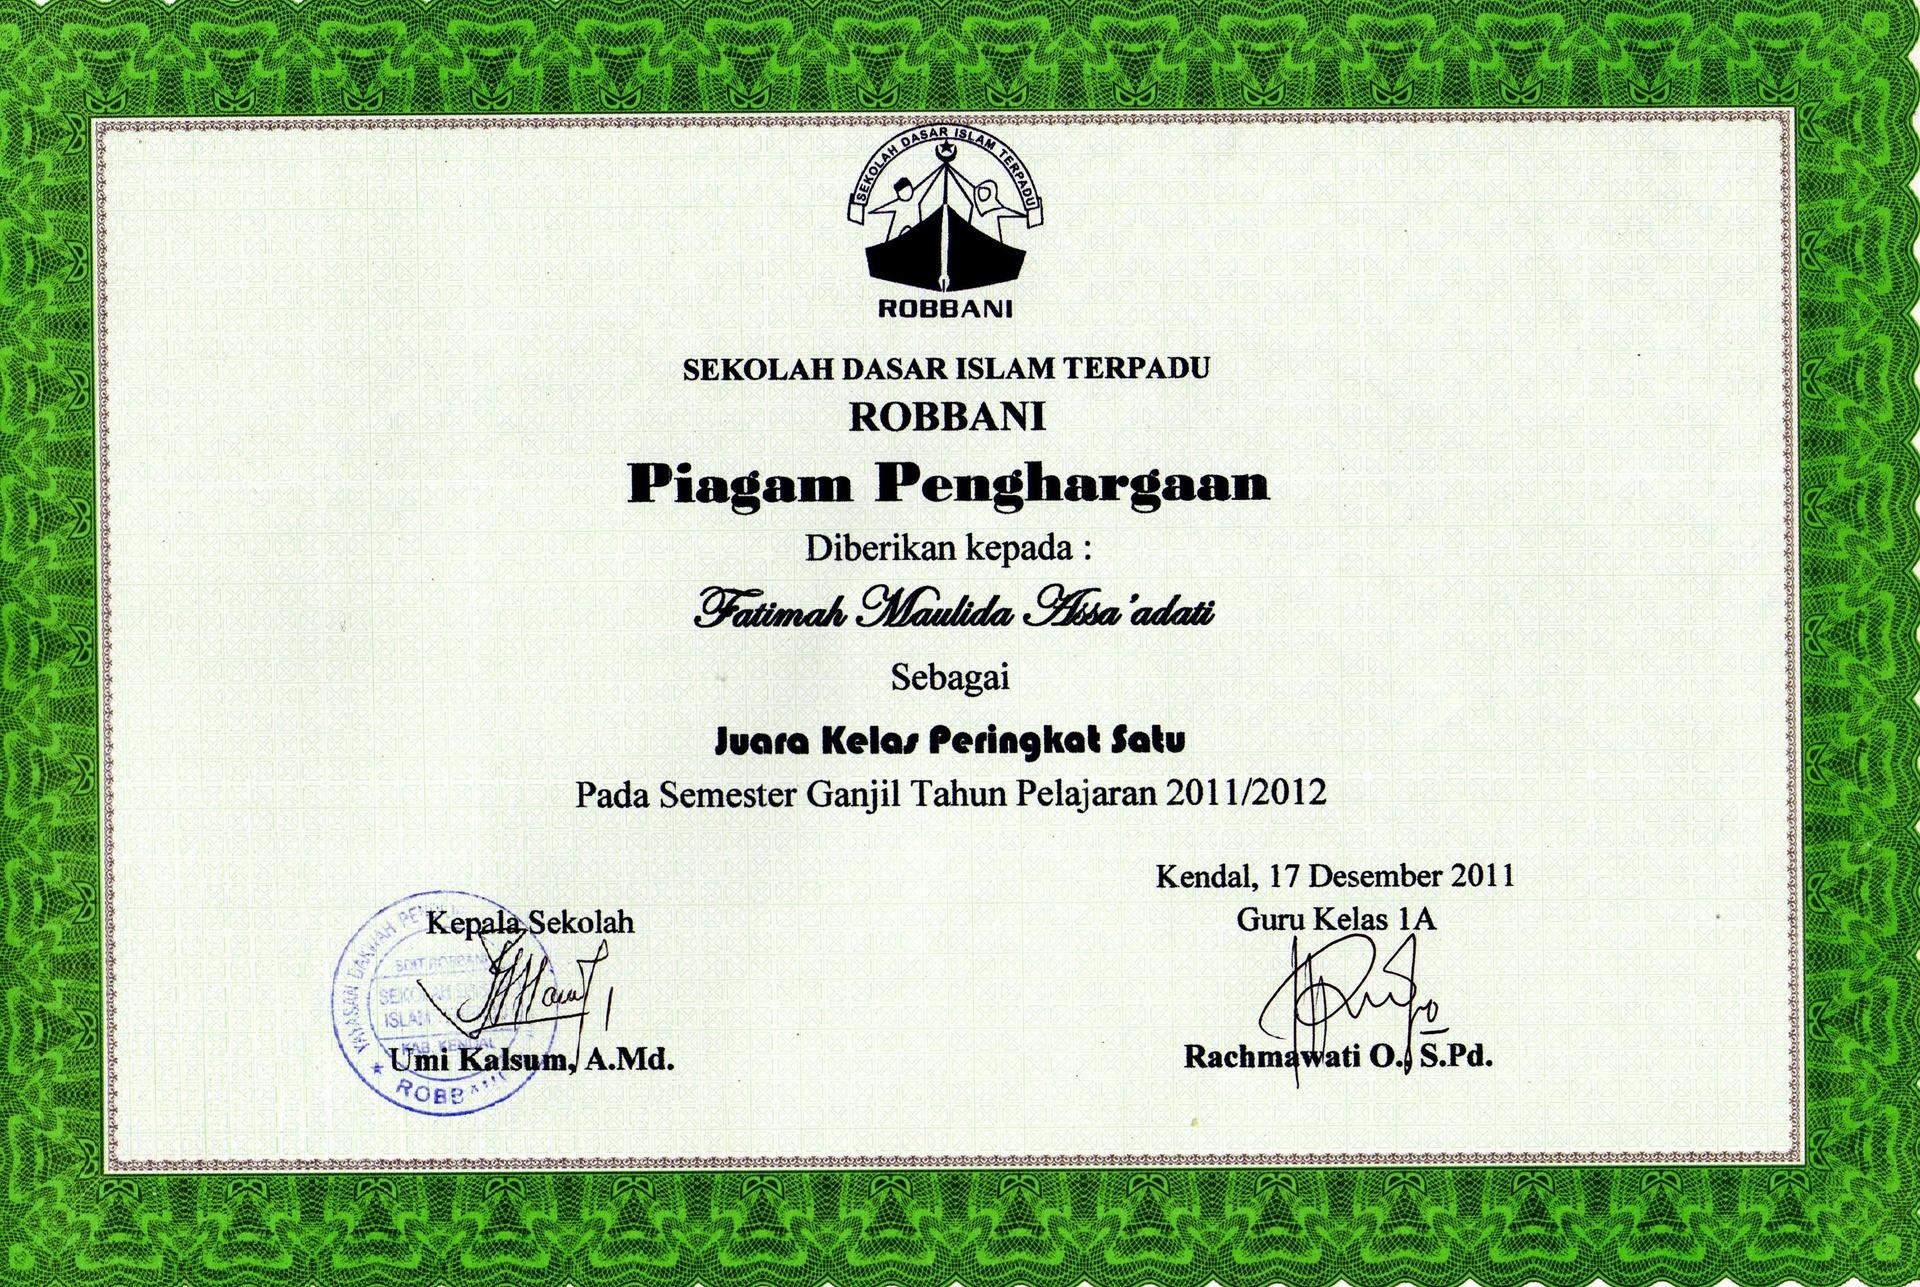 Piagam Penghargaan Juara Kelas Peringkat Satu Pada Semester Ganjil ...